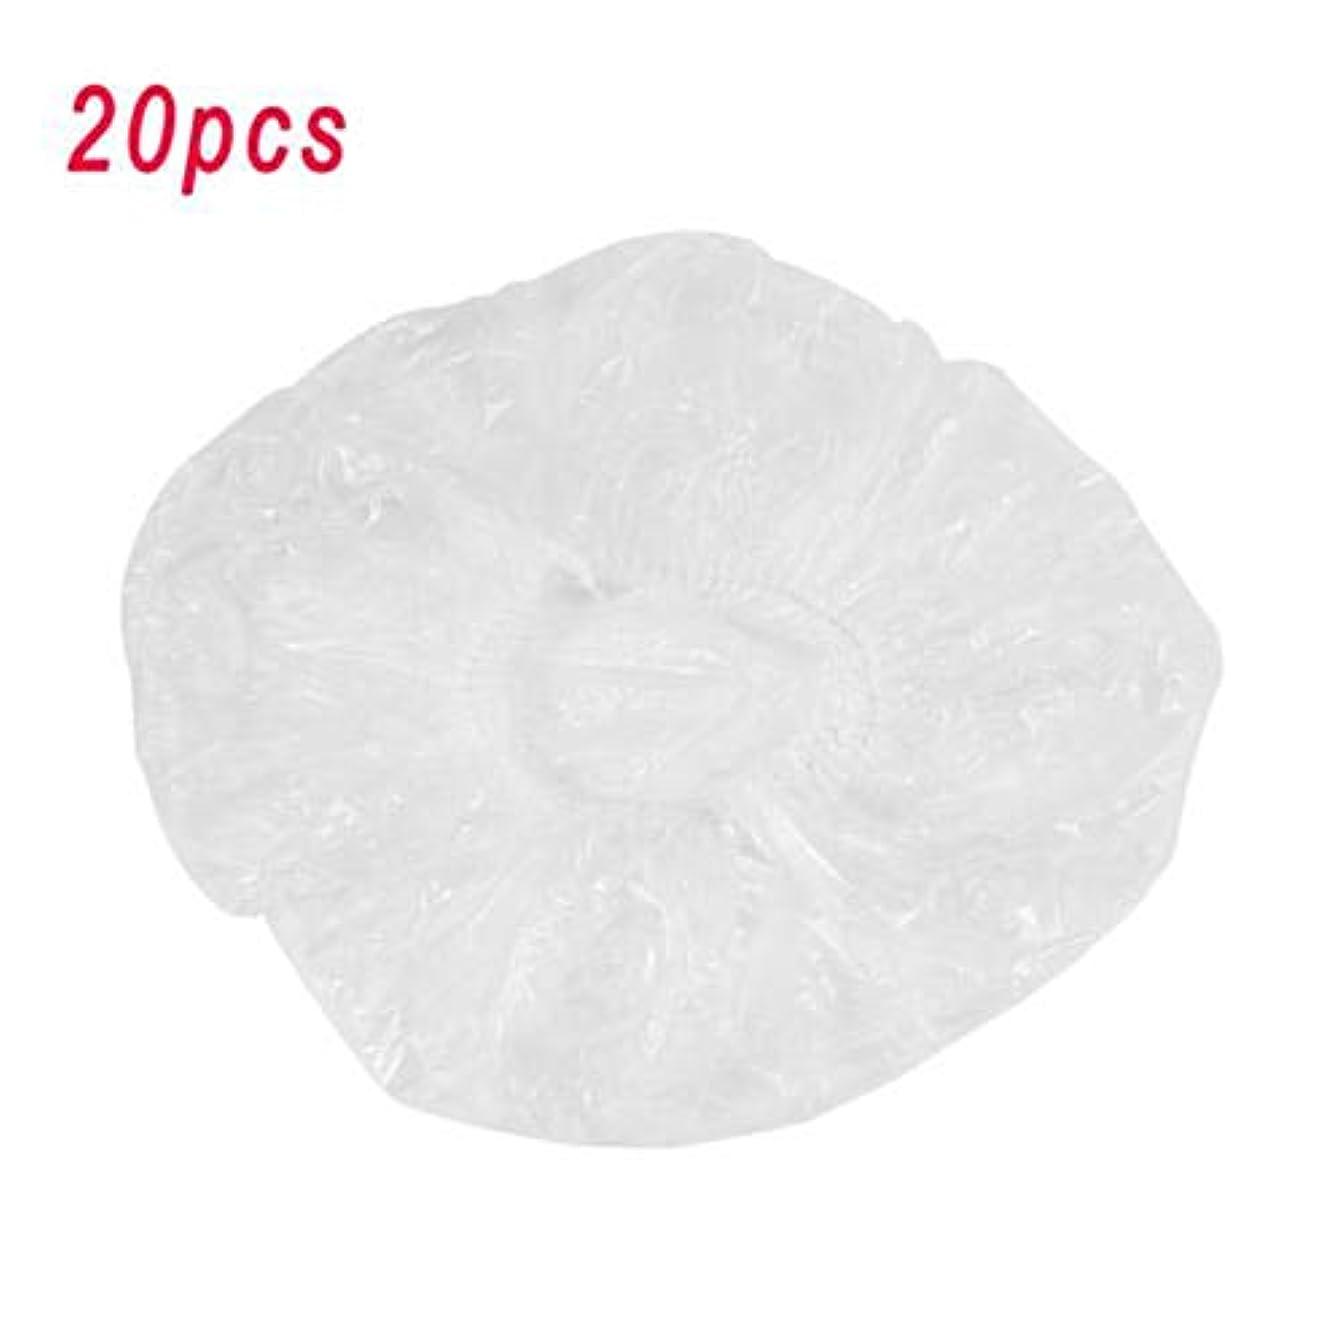 ブロッサムヘルシーナンセンス使い捨てシャワーキャップ 20枚セット 化粧帽 髪を染める 透明 油煙を防ぐ 浴用帽子